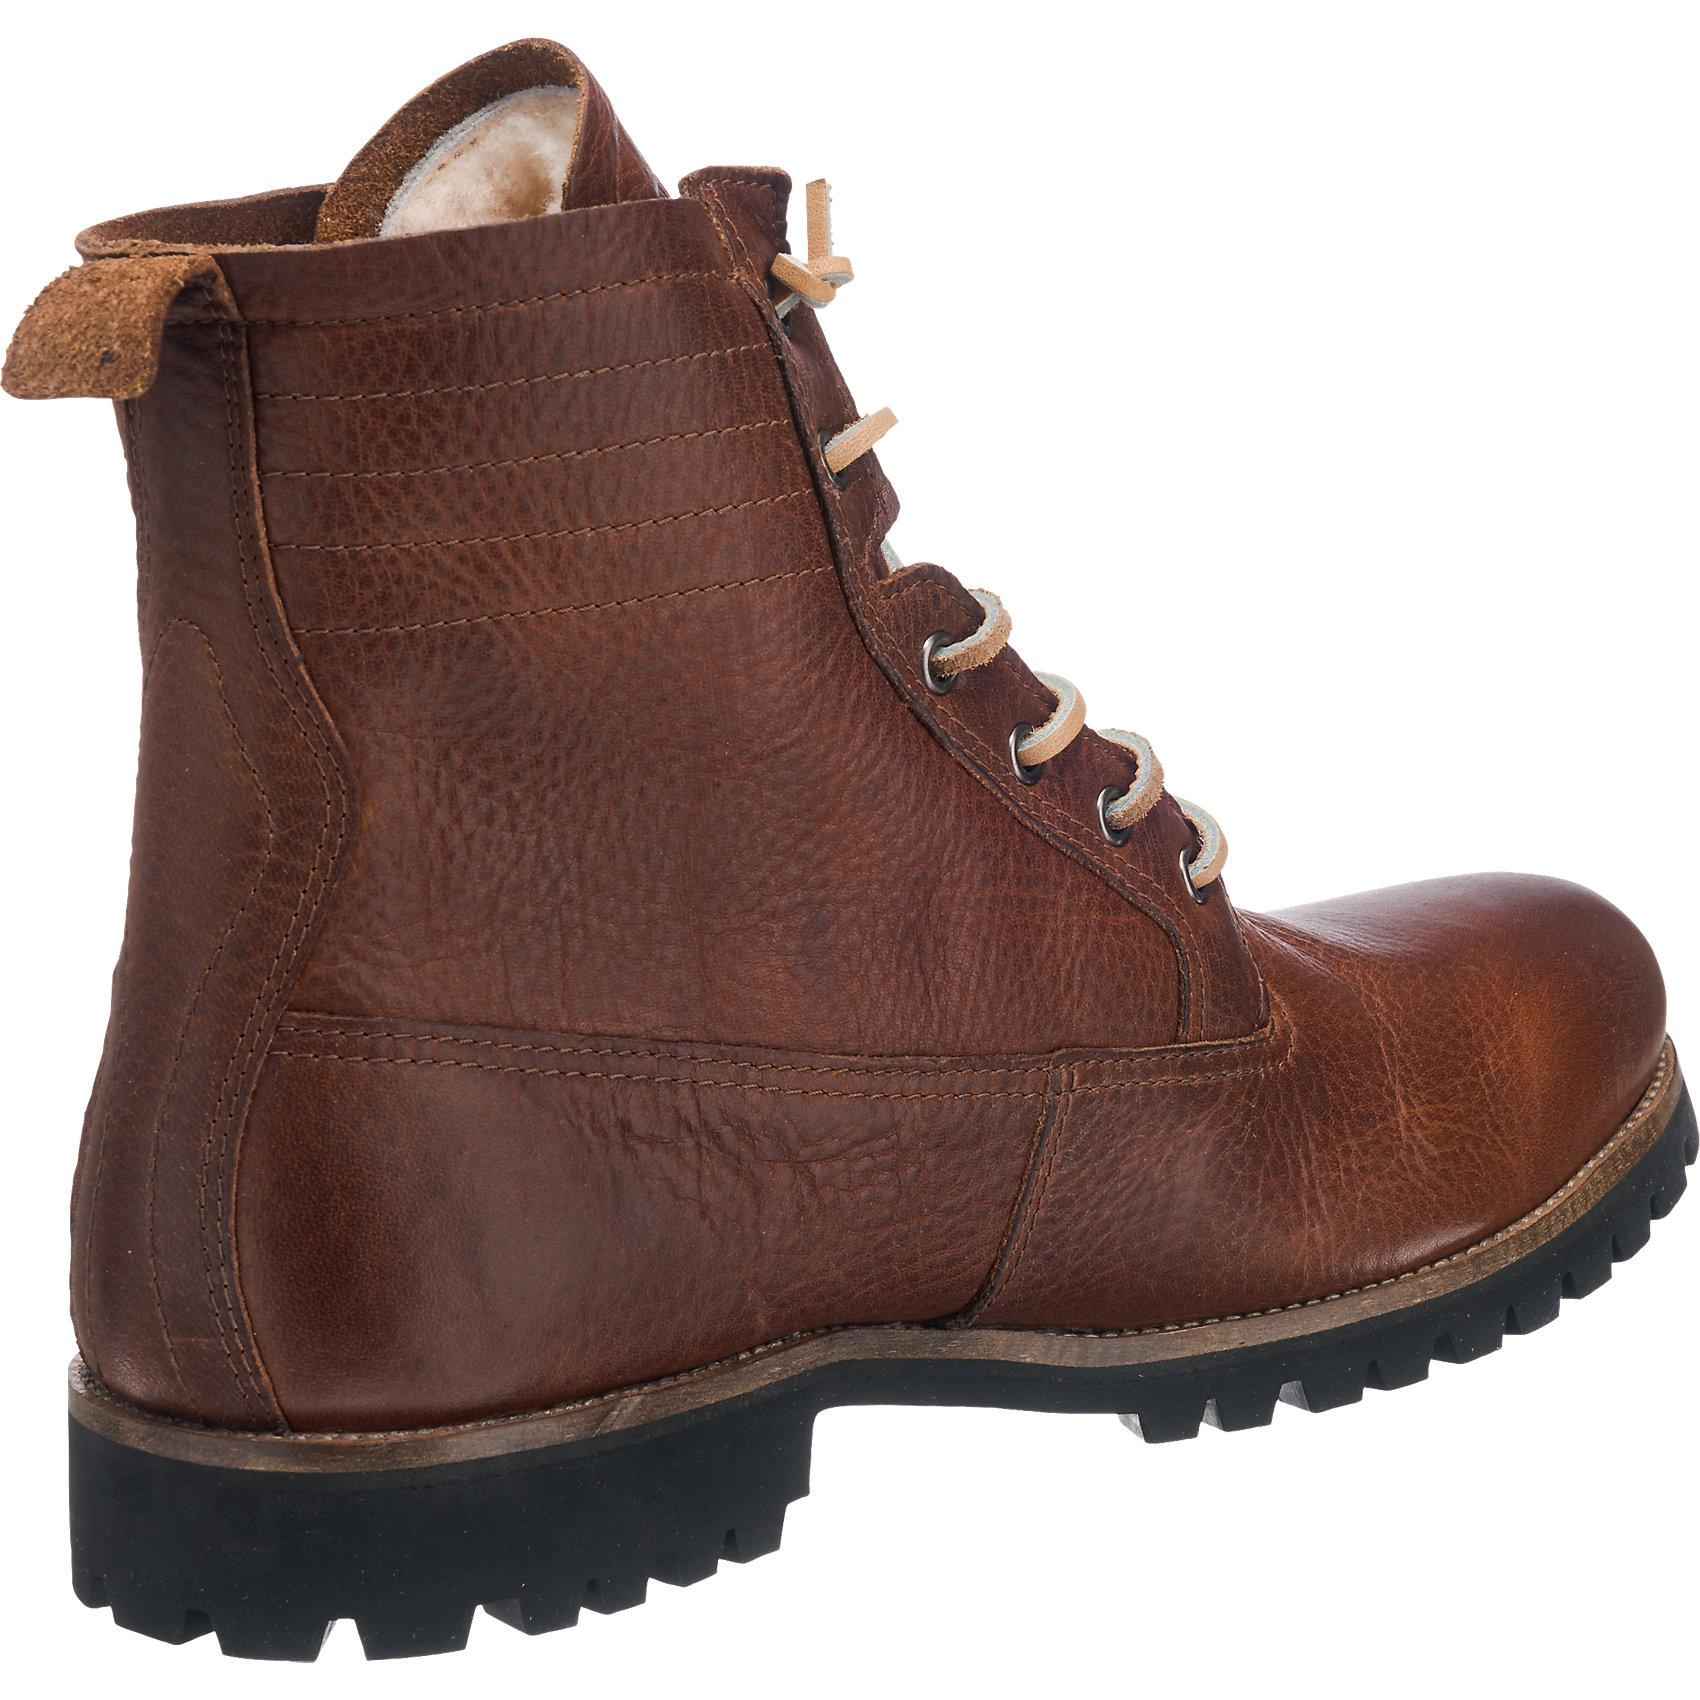 Neu schwarzstone für Stiefel & Stiefeletten 5778818 für schwarzstone Herren braun schwarz 8b596c